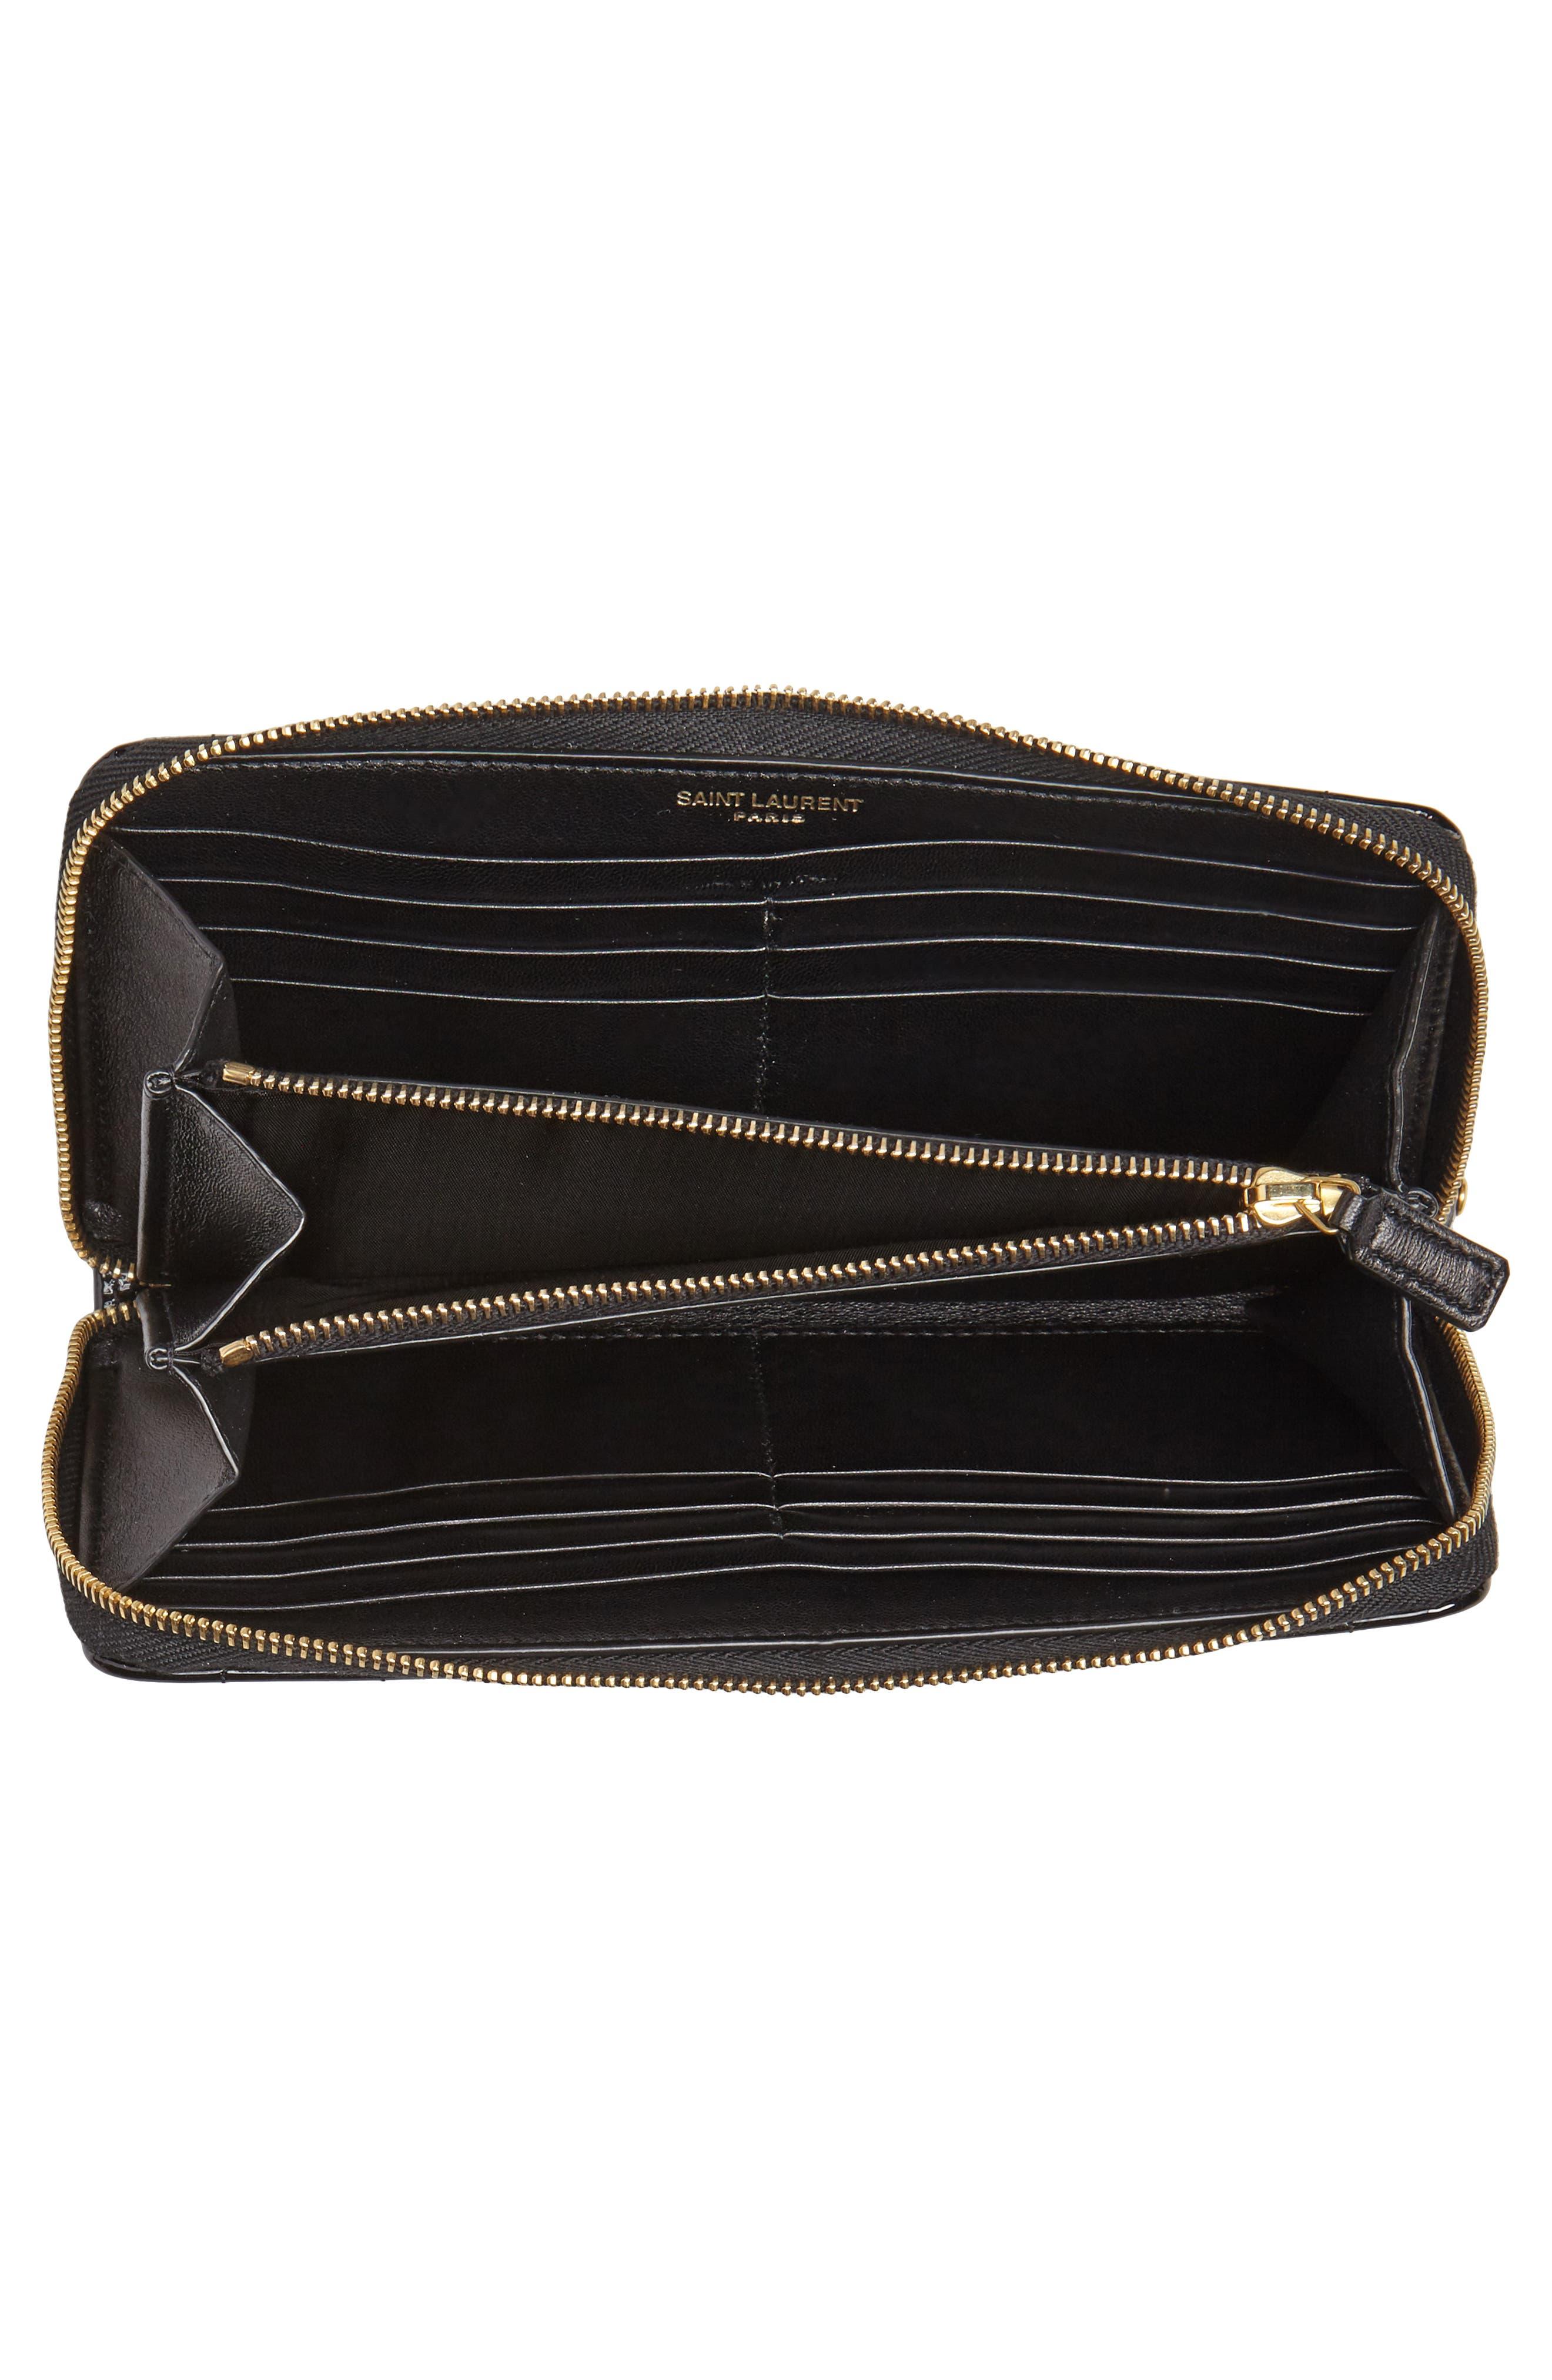 SAINT LAURENT,                             Vicky Patent Leather Zip Around Wallet,                             Alternate thumbnail 4, color,                             NOIR